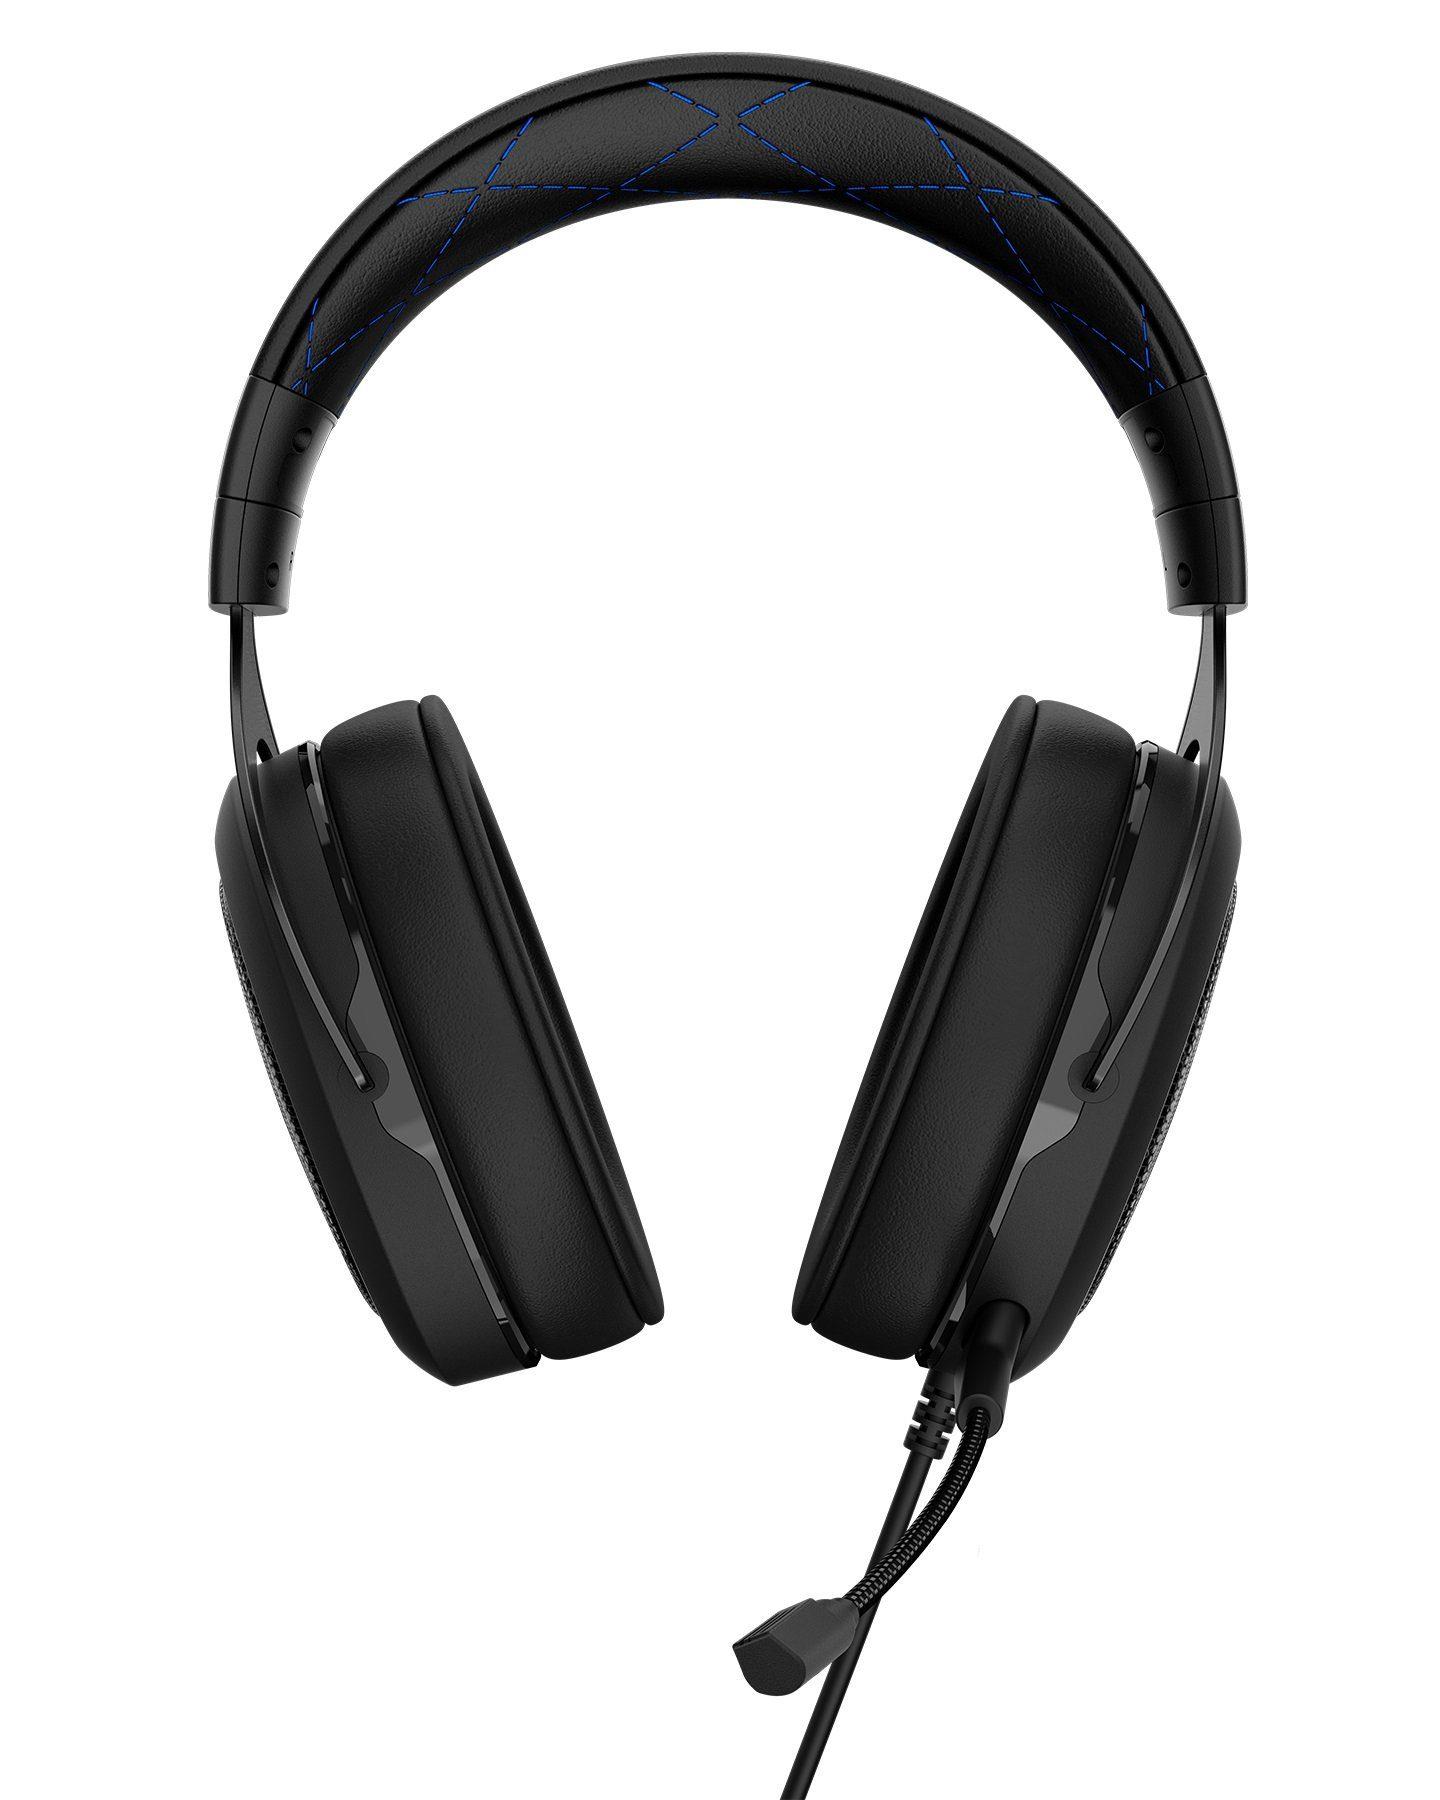 2 corsair hs50 pro stereo siyah gaming kulaklik 5393 - Corsair HS50 Pro Stereo Yeşil Gaming Kulaklık